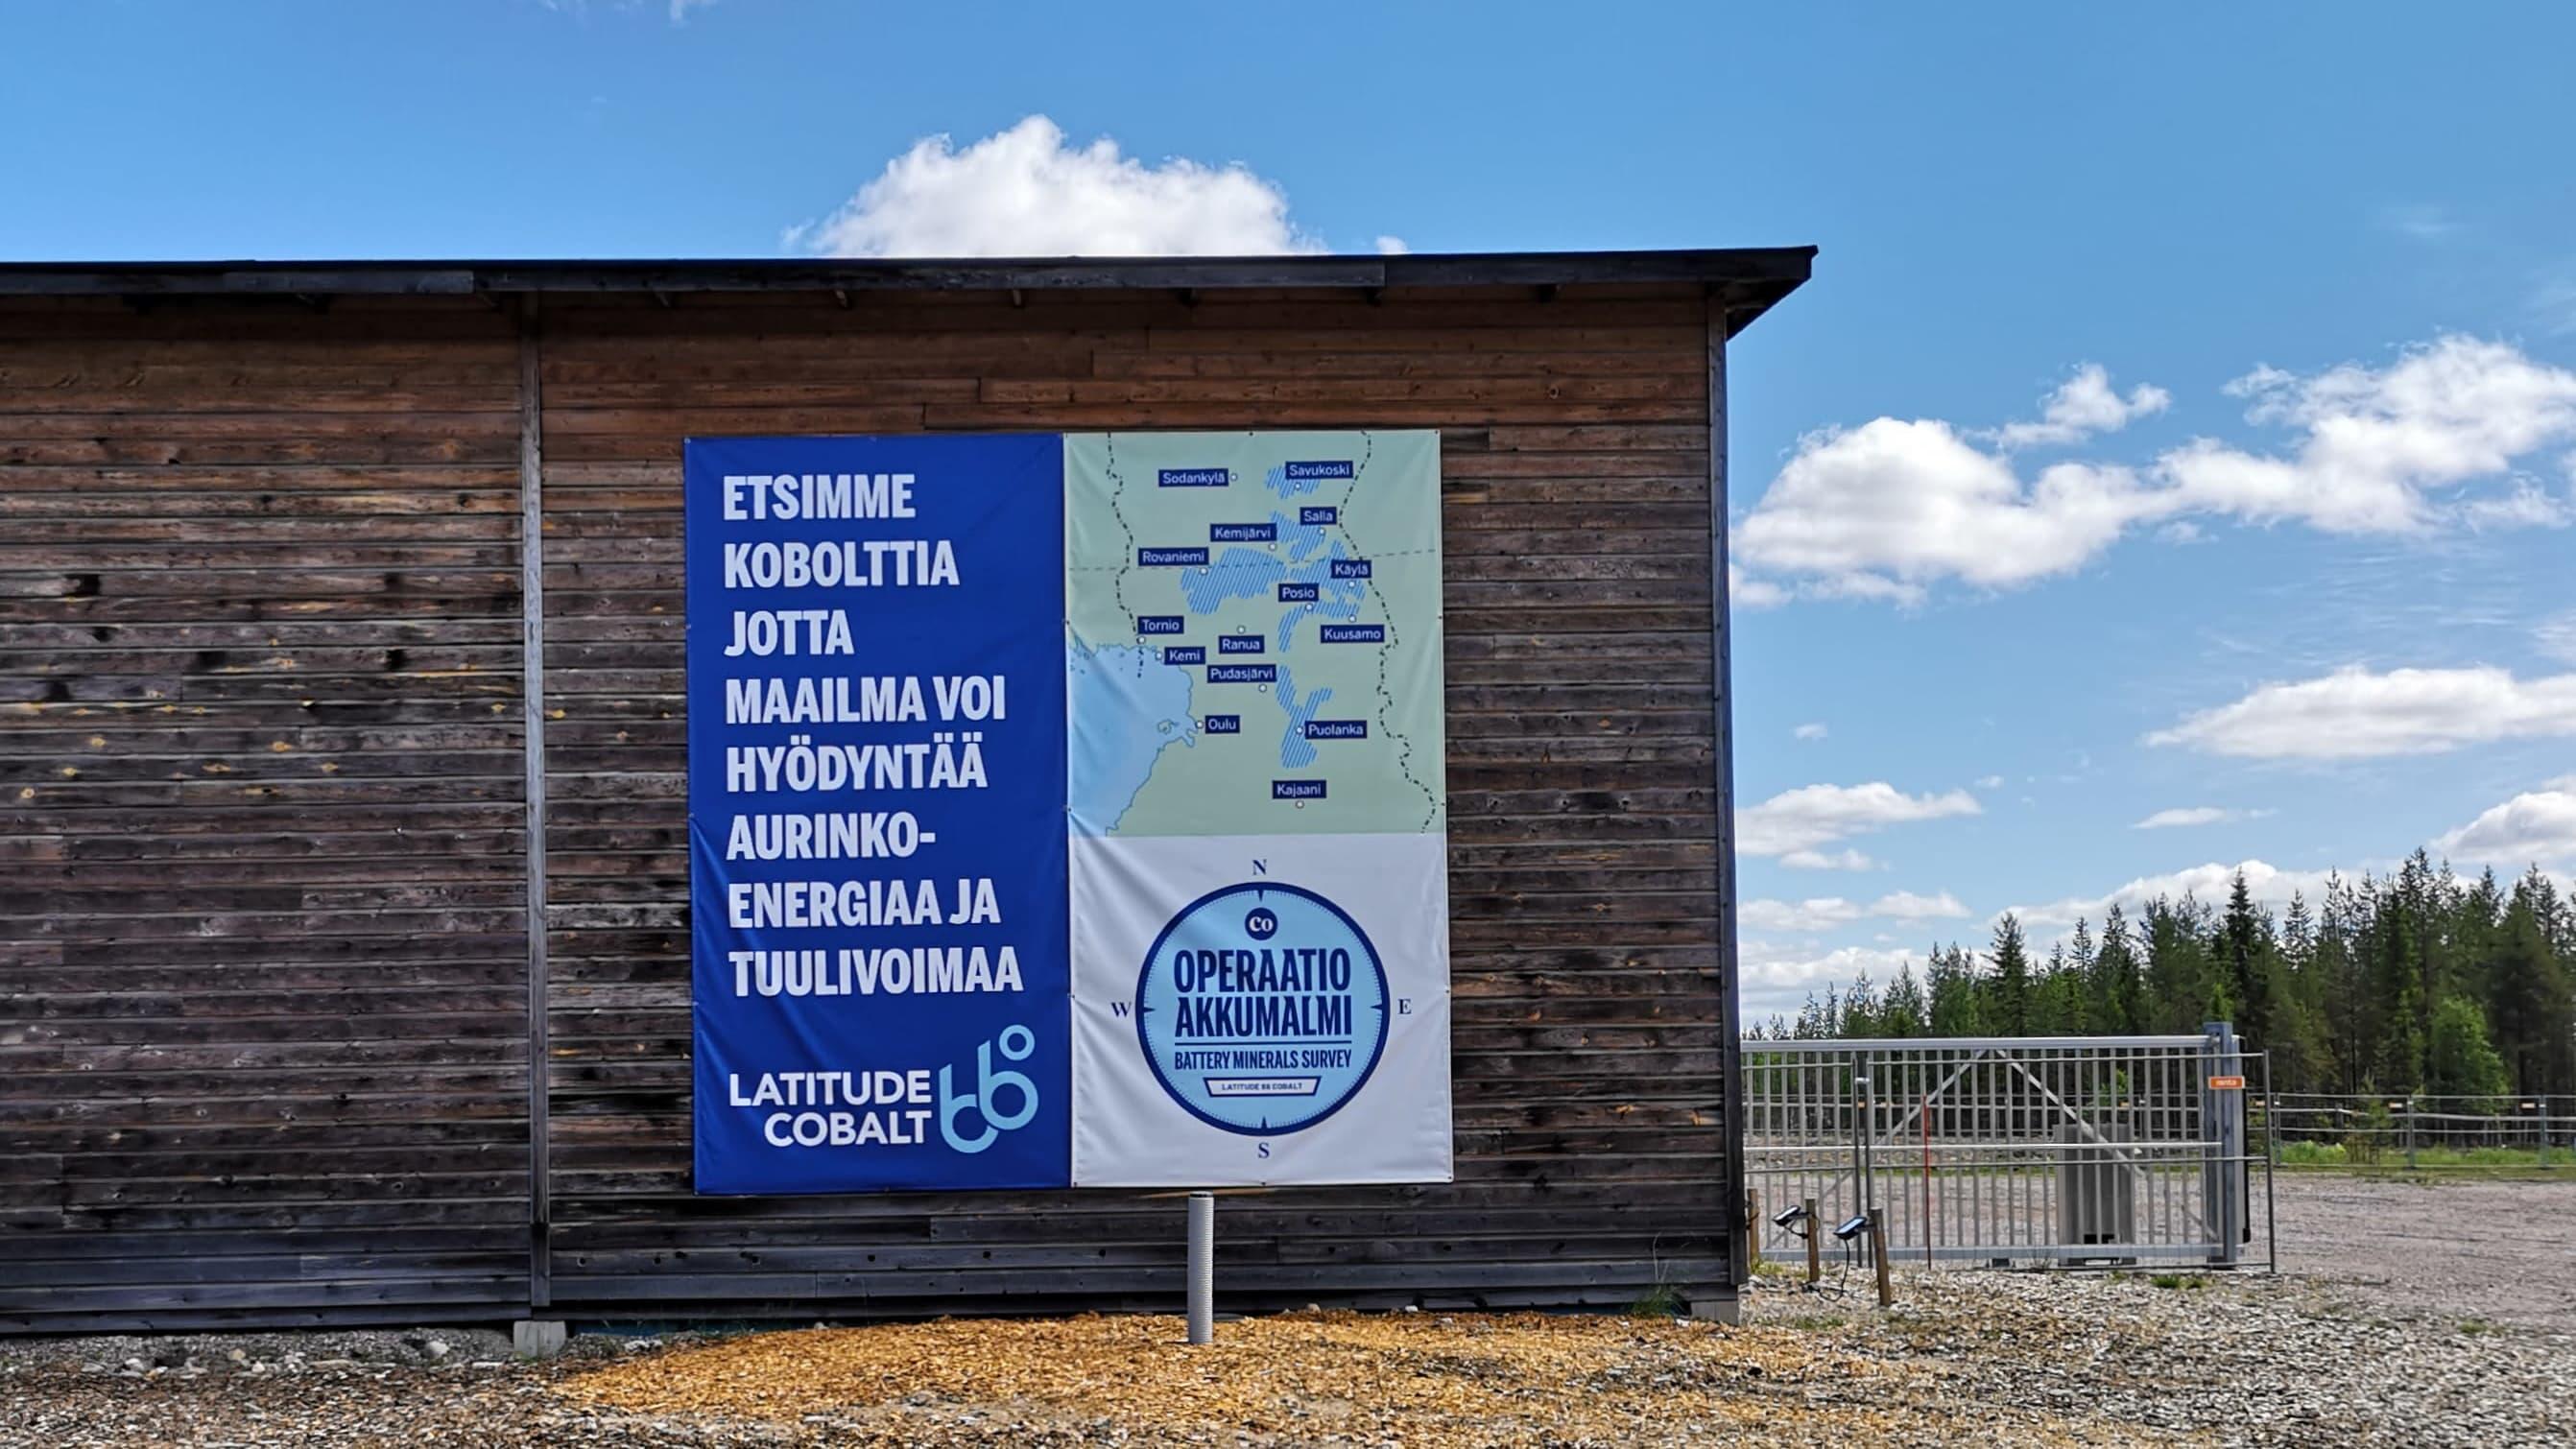 Latitude 66 Cobalt Oy:n Kuusamon Käylän geologinen tutkimusasema.